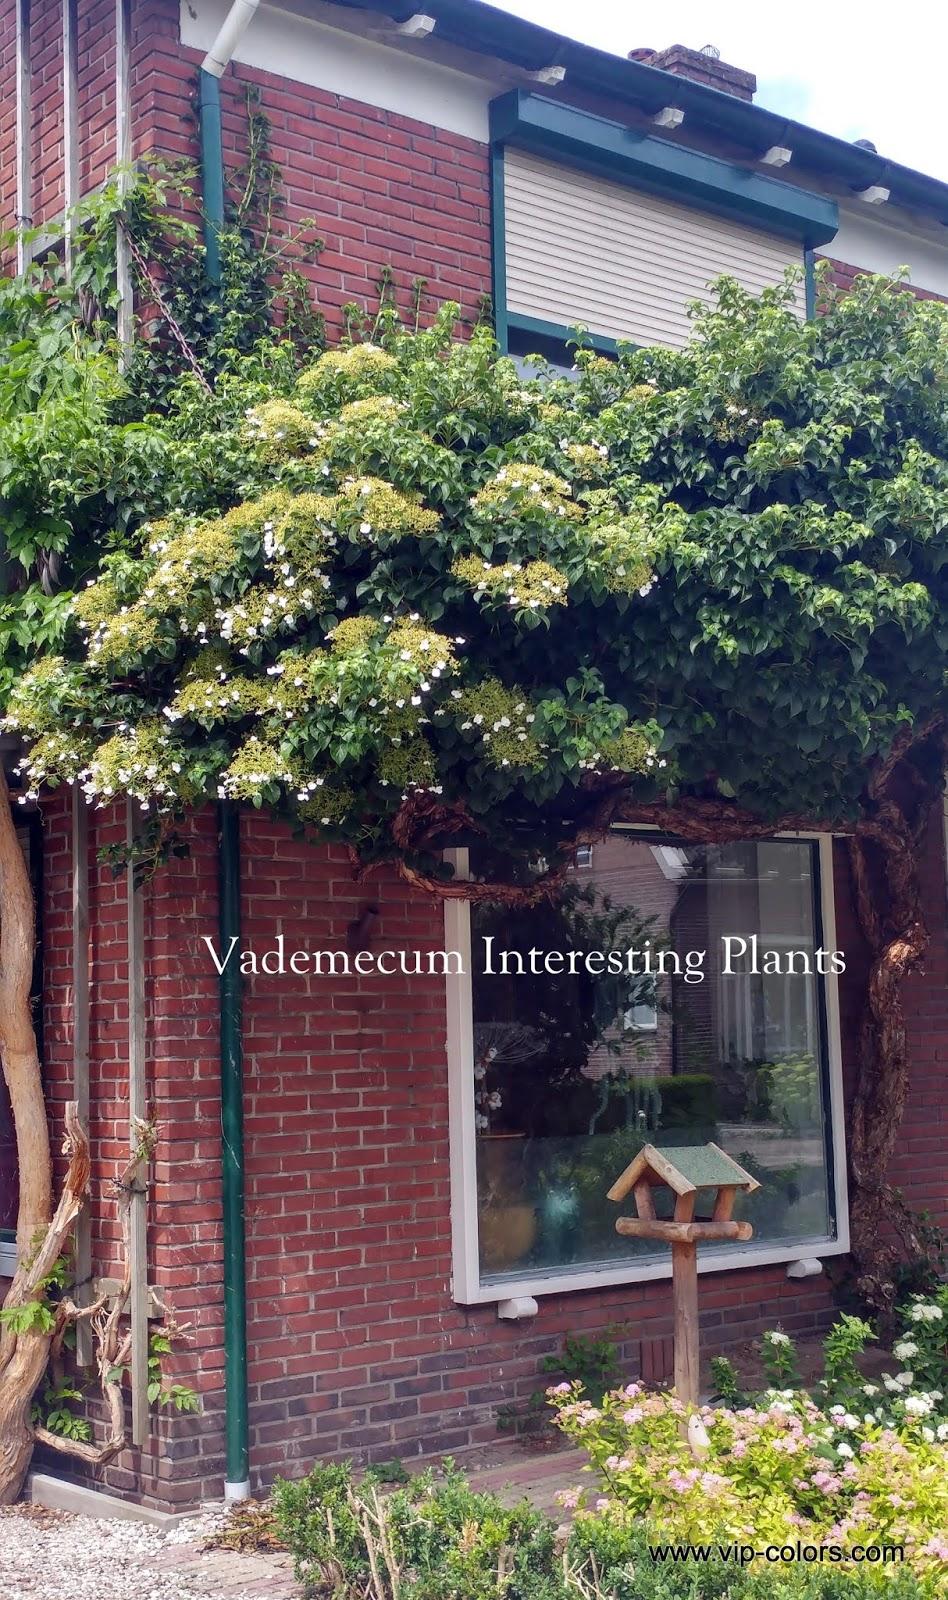 Vademecum Interesting Plants Hydrangea Anomala Subsp Petiolaris